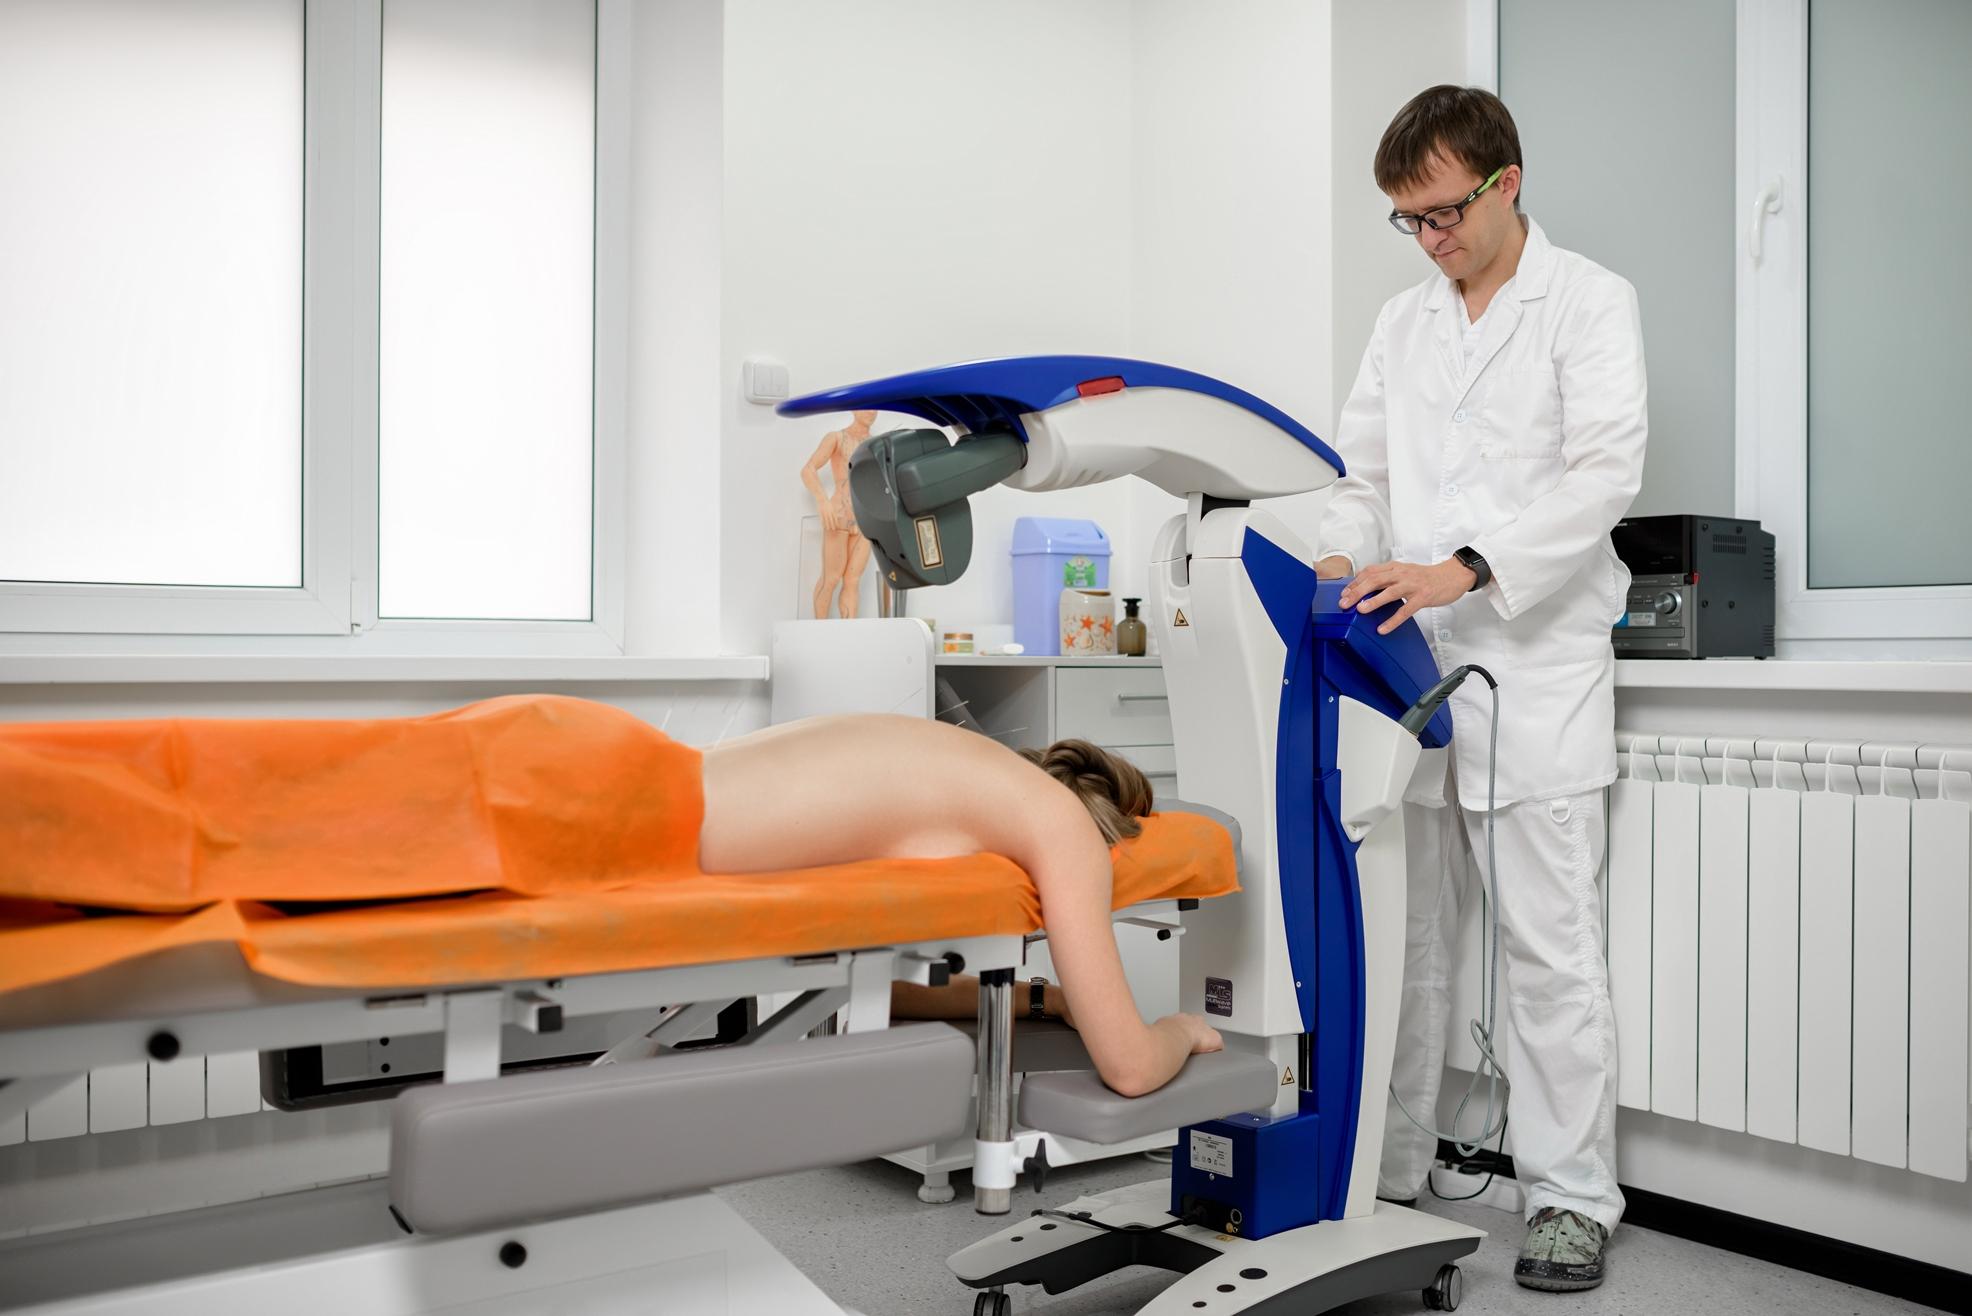 В основу лечебной программы входят роботизированная лазеротерапия, высокоиндуктивная магнитотерапия, иглорефлексотерапия, фармакопунктура и плазмотерапия